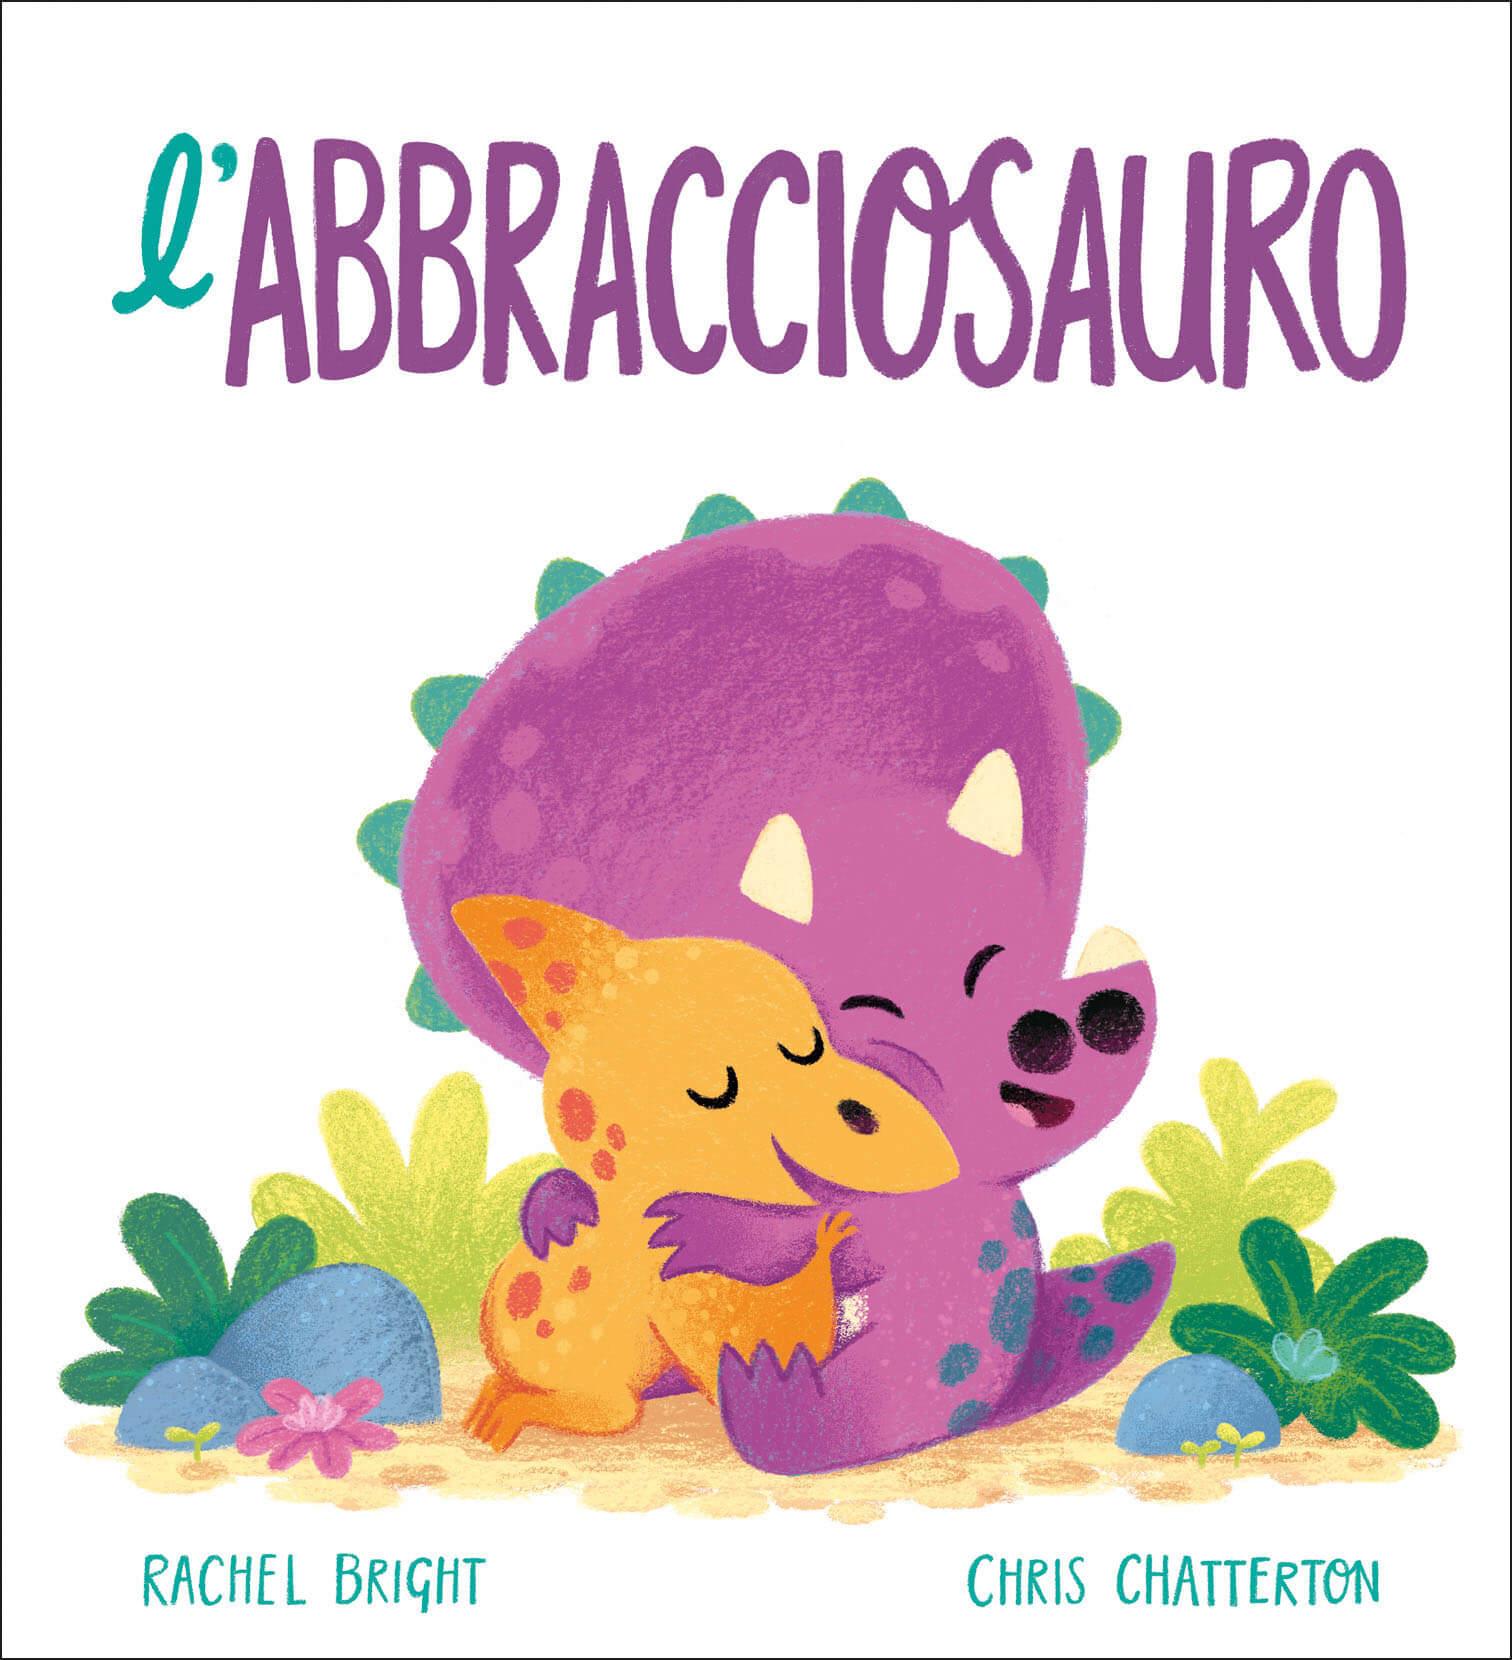 L'abbracciosauro, libri per bambini 2021